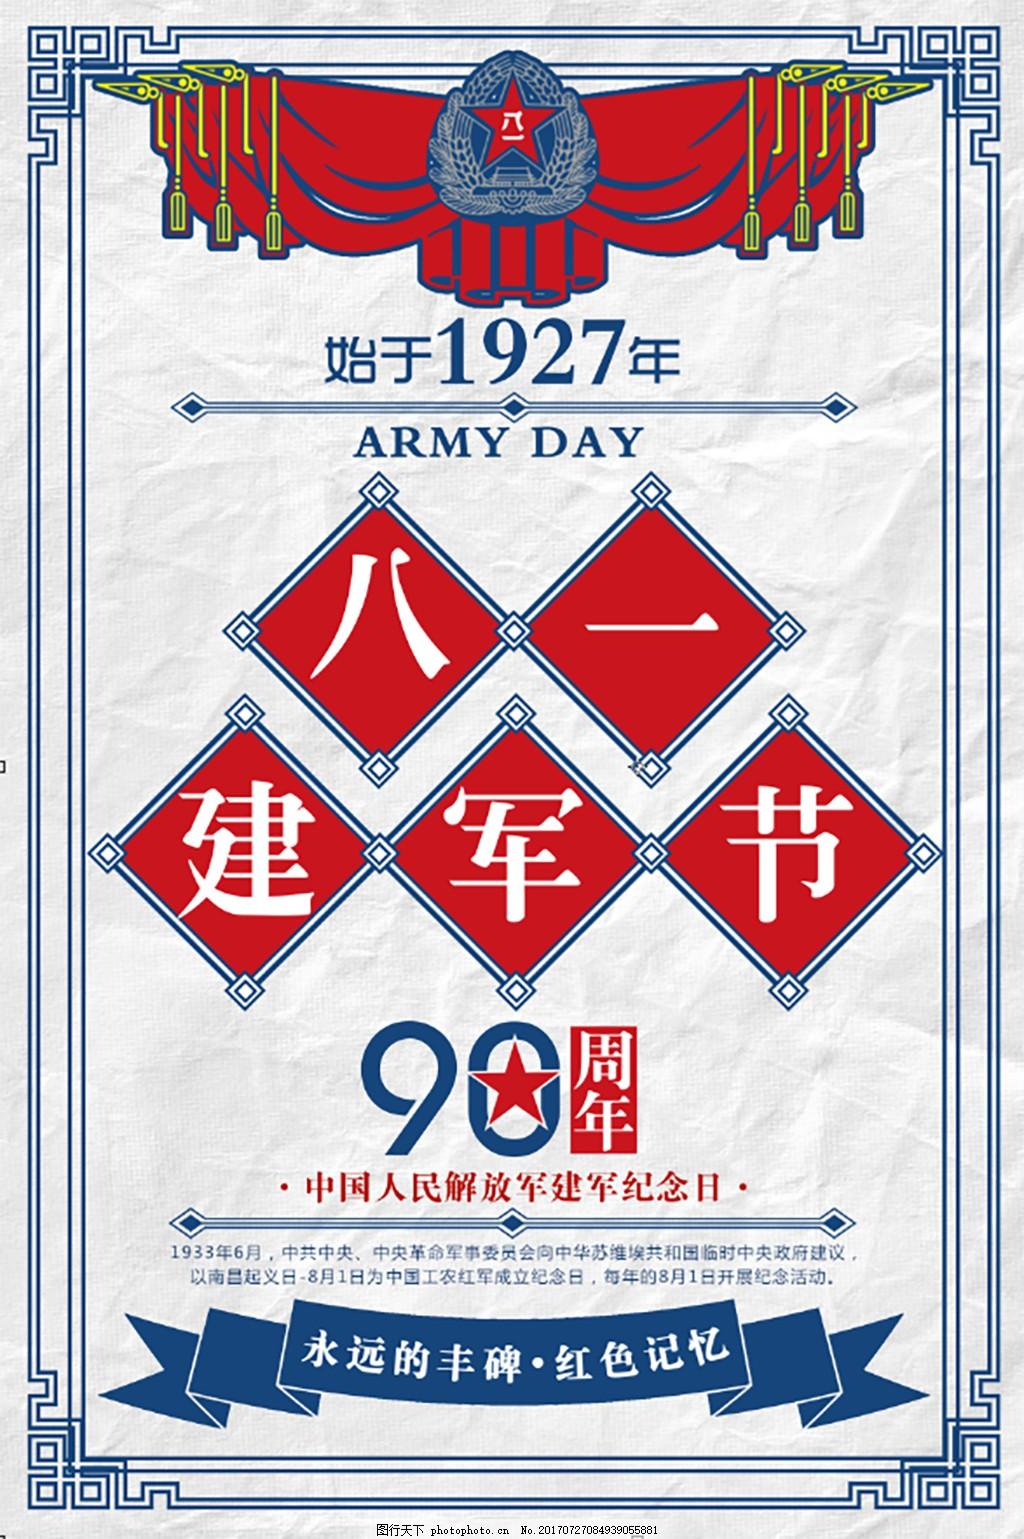 建军90周年主题创意海报 民国风 八一 建军节 红蓝 复古